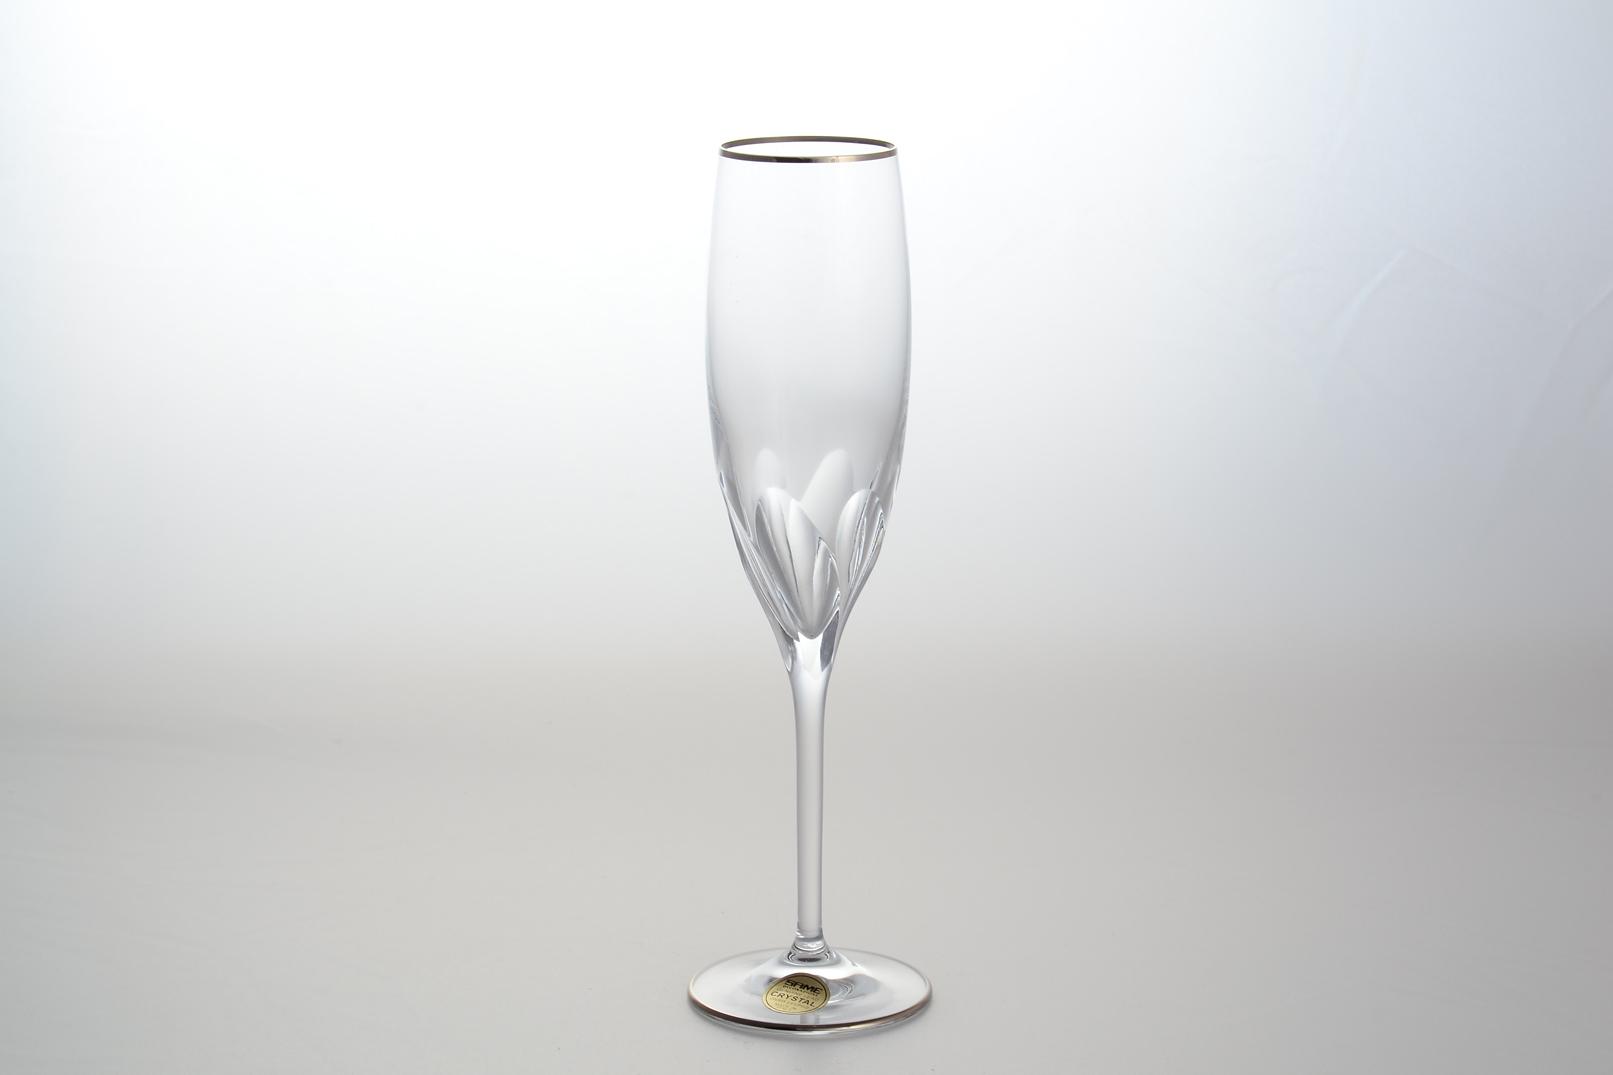 Фото стеклянного бокала